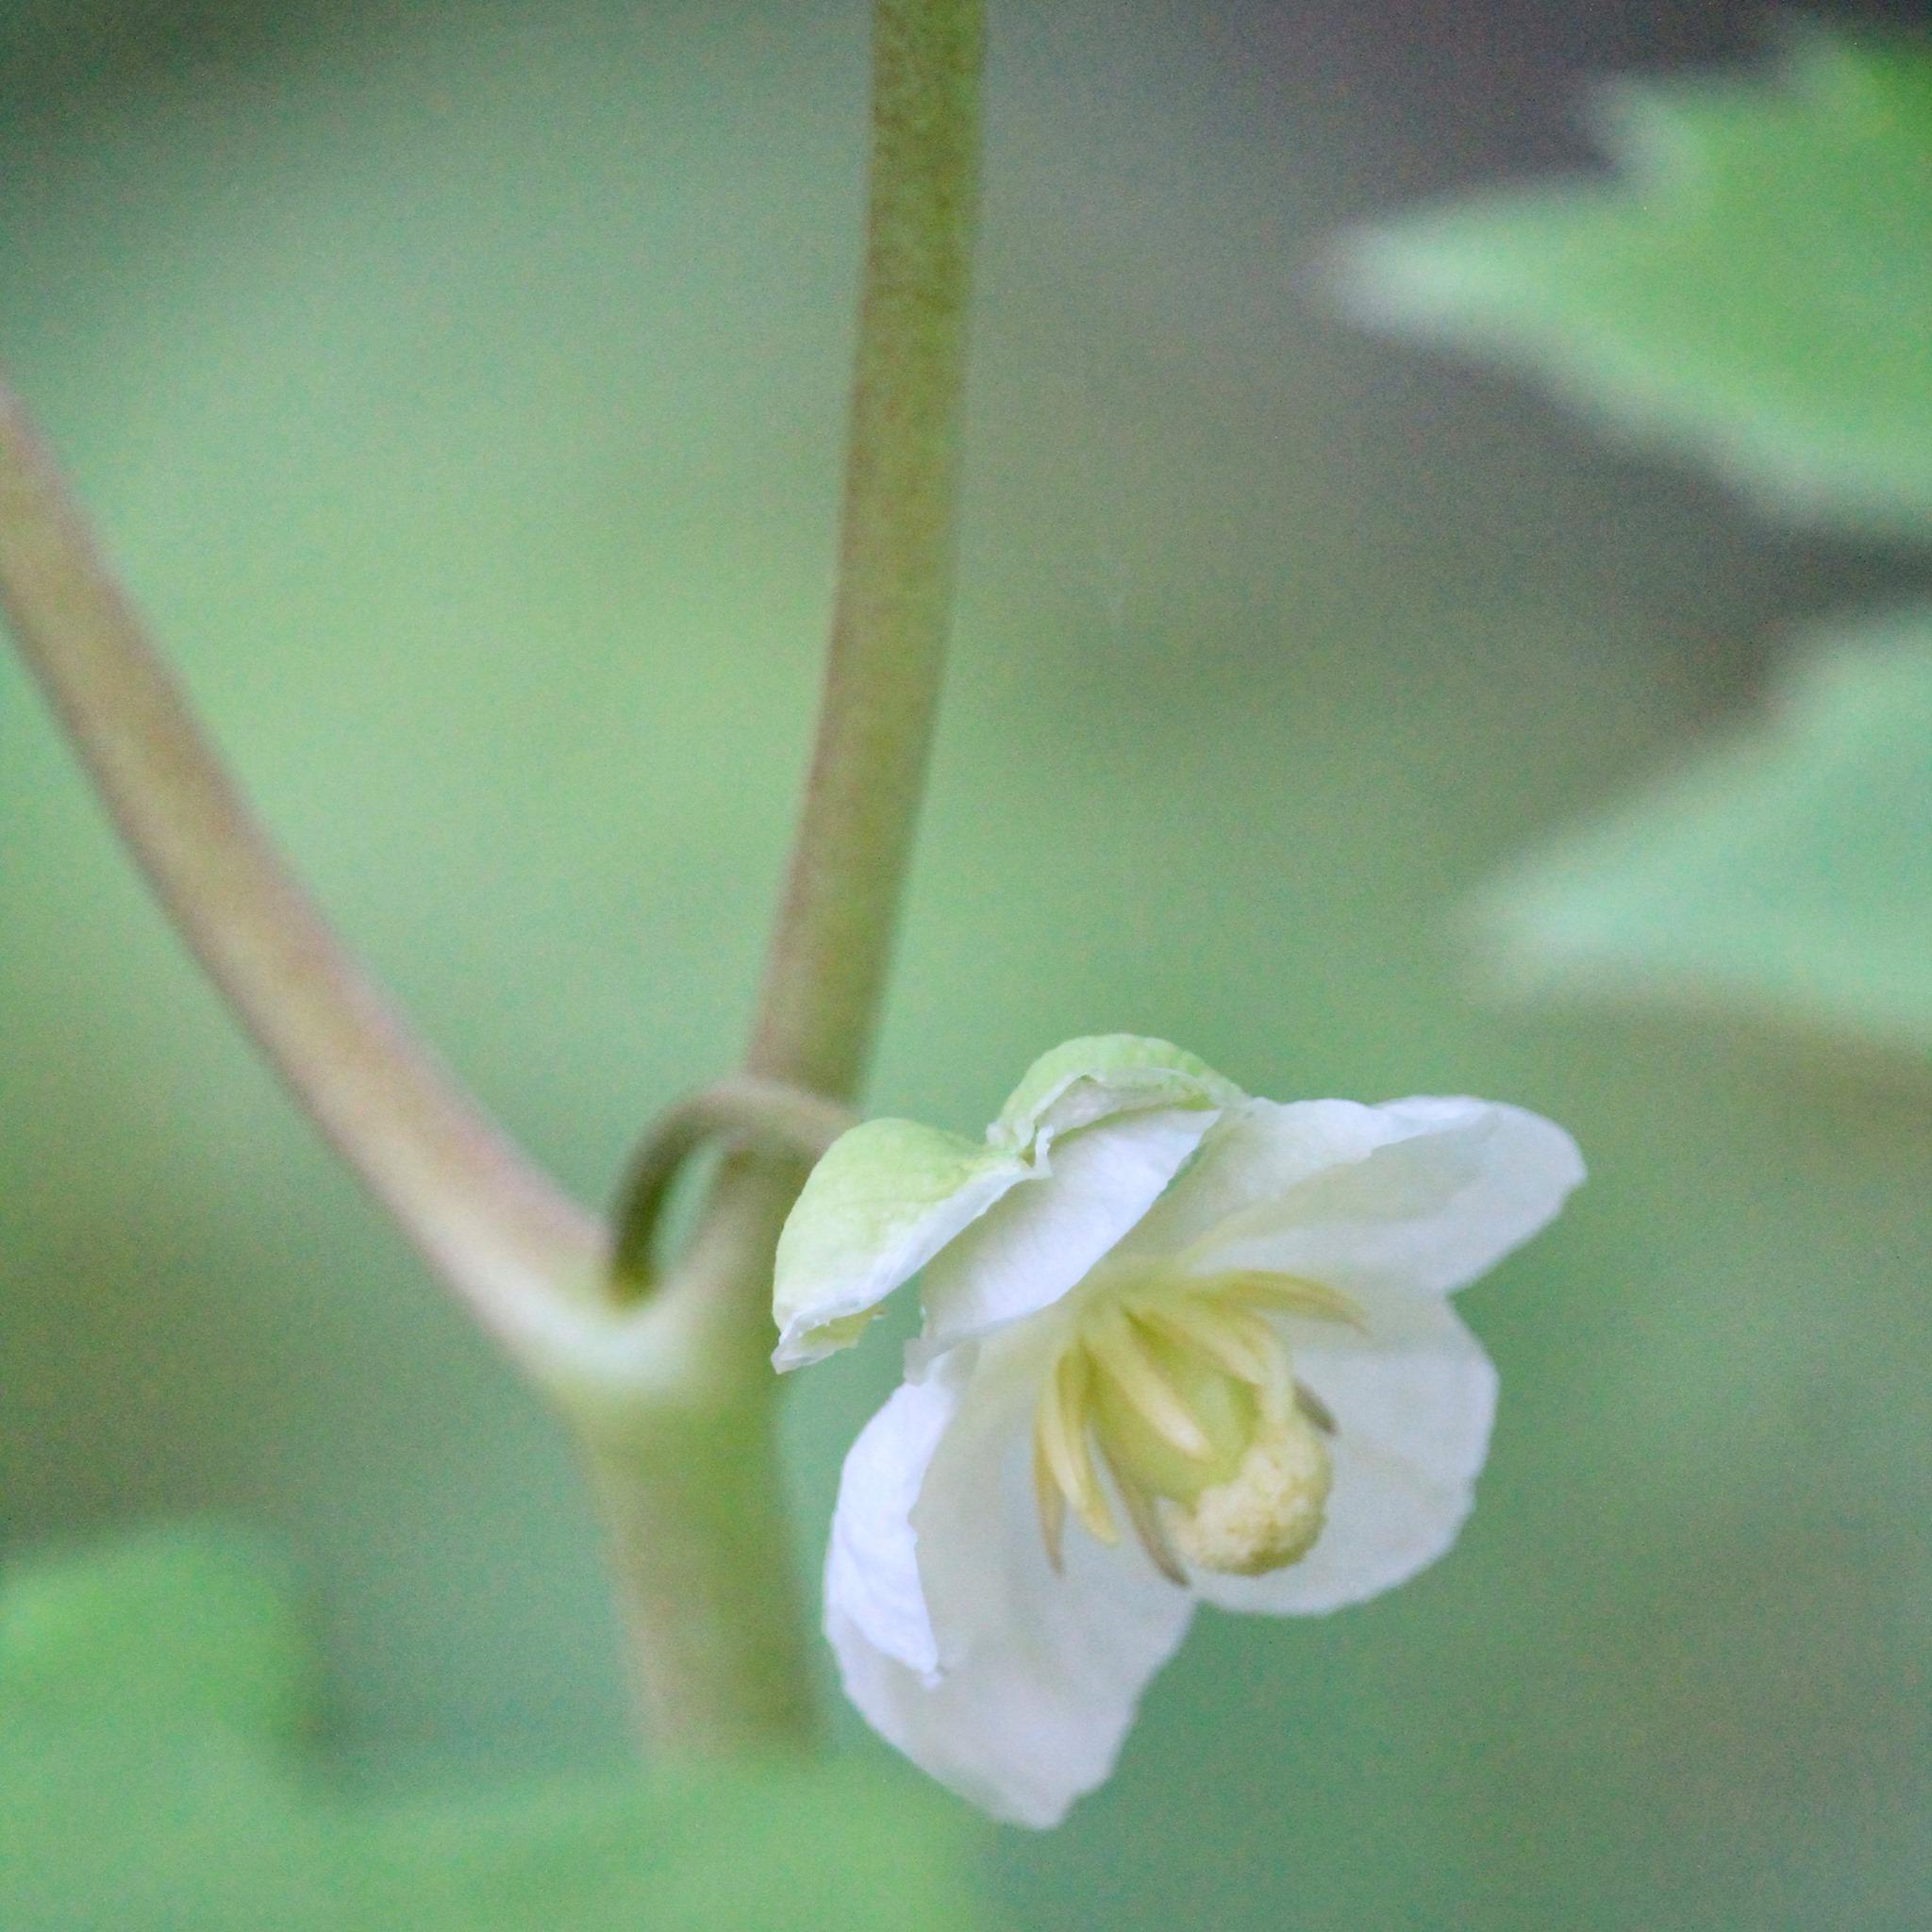 Mayapple flower close up